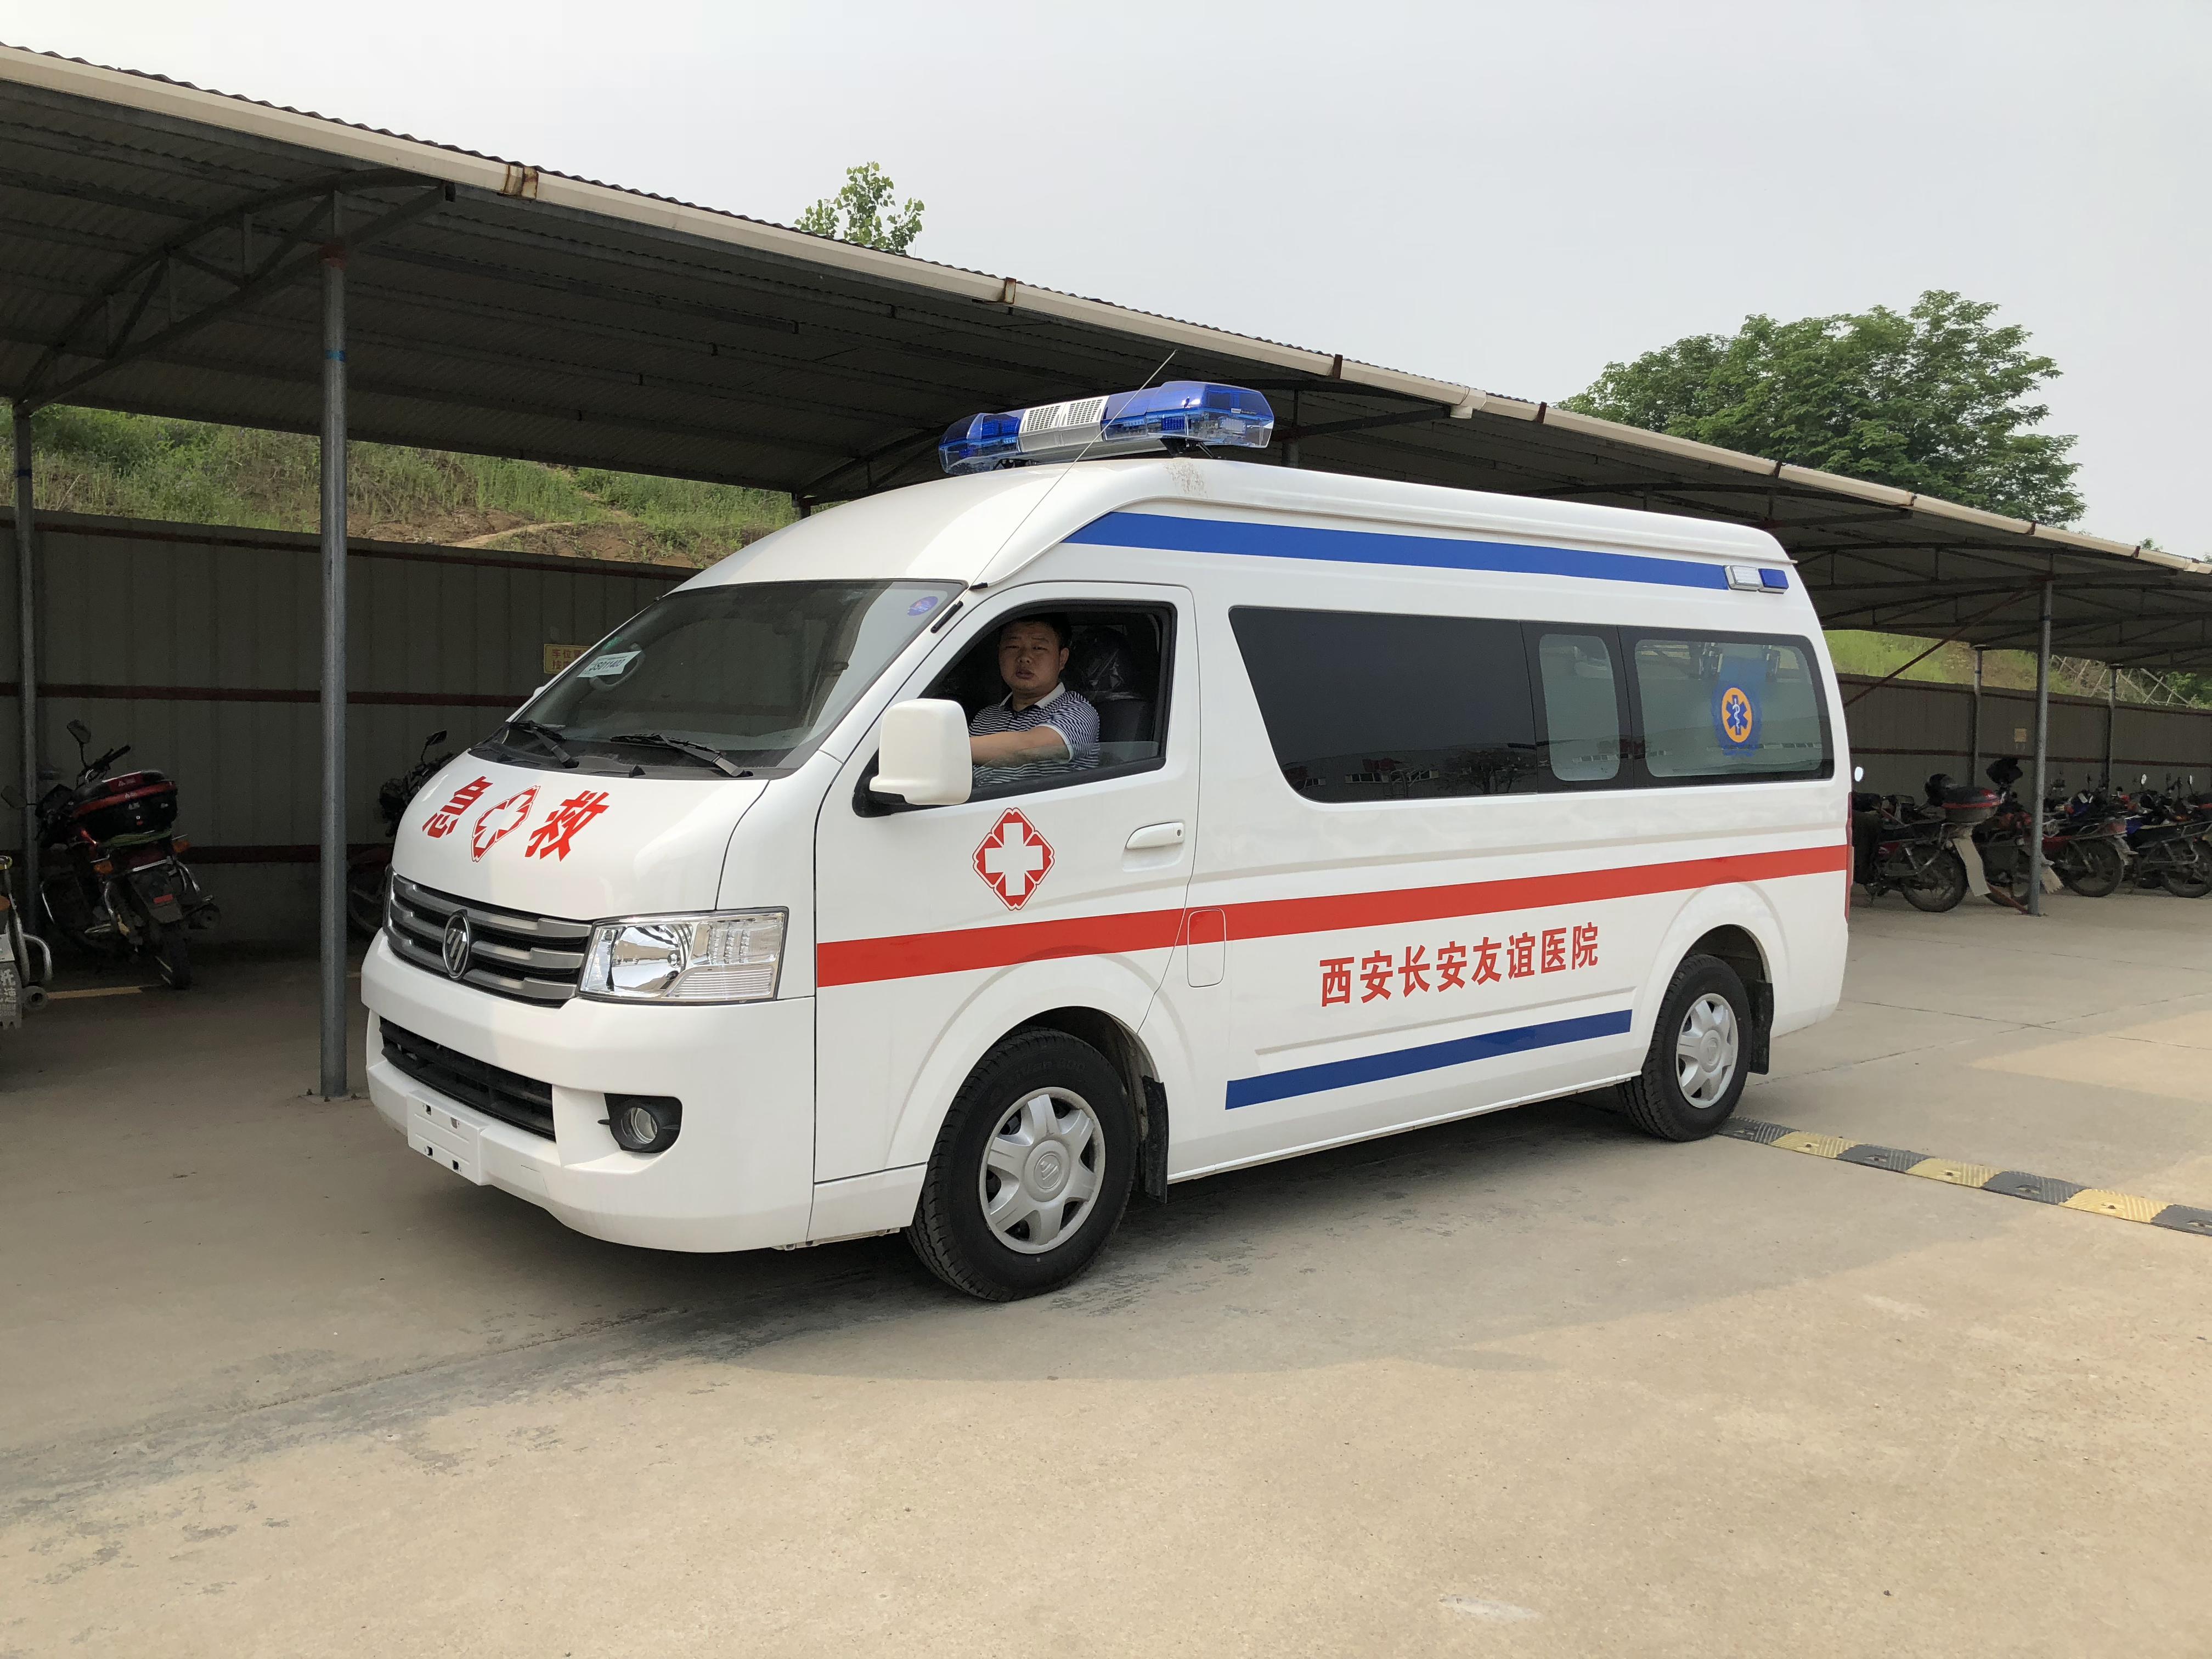 福田G9救护车 (2)